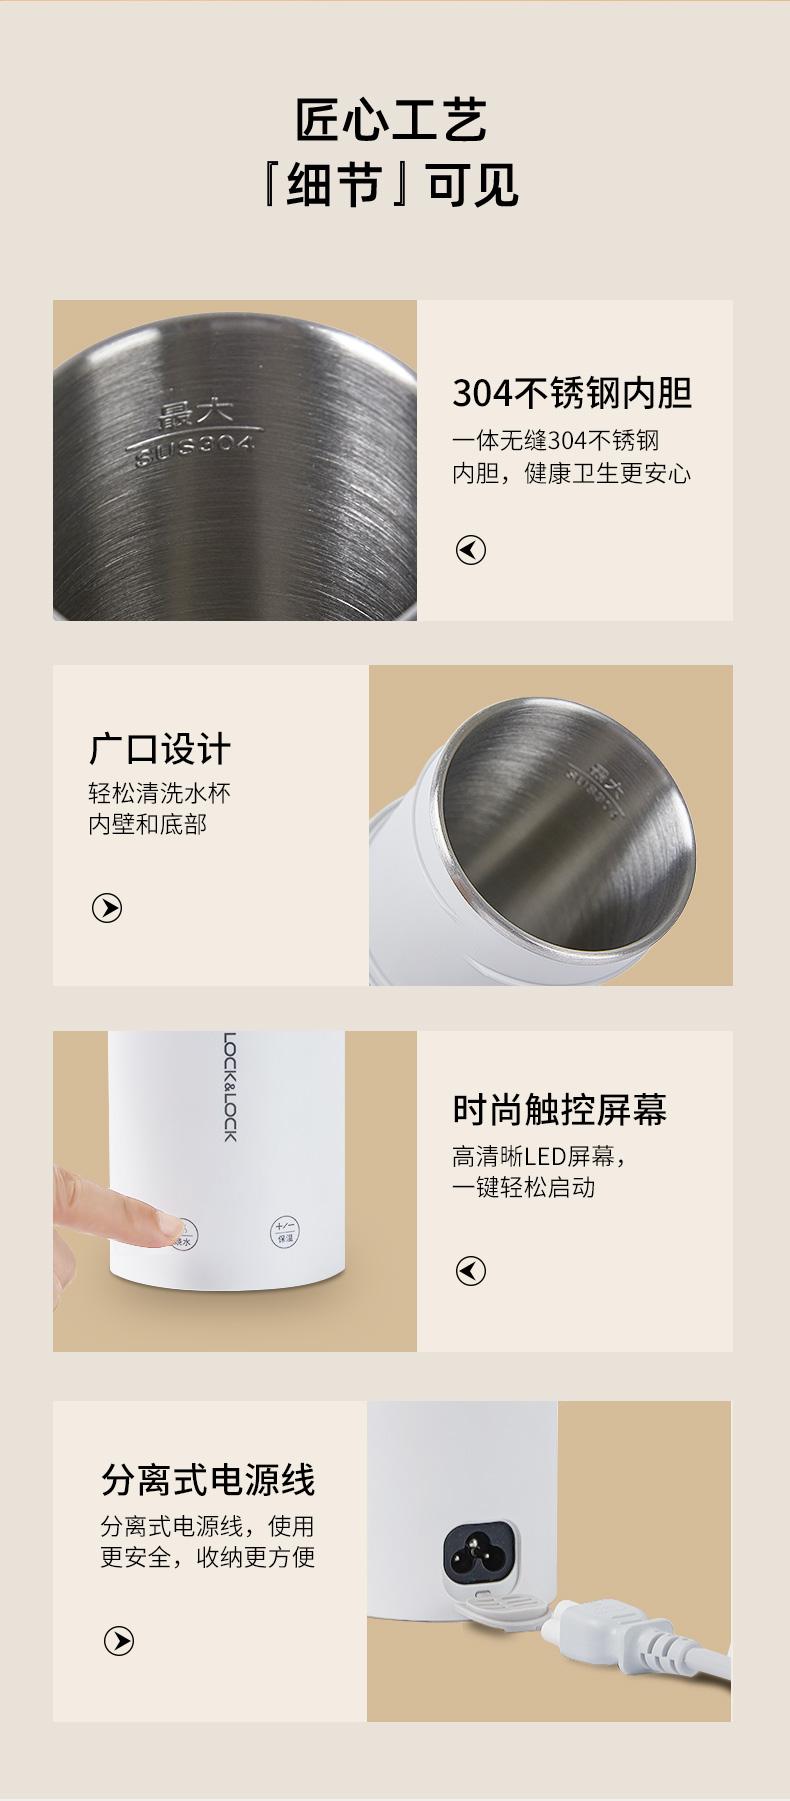 乐扣乐扣 便携电热烧水杯 350ml 9档智能温控 泄压保护 图15